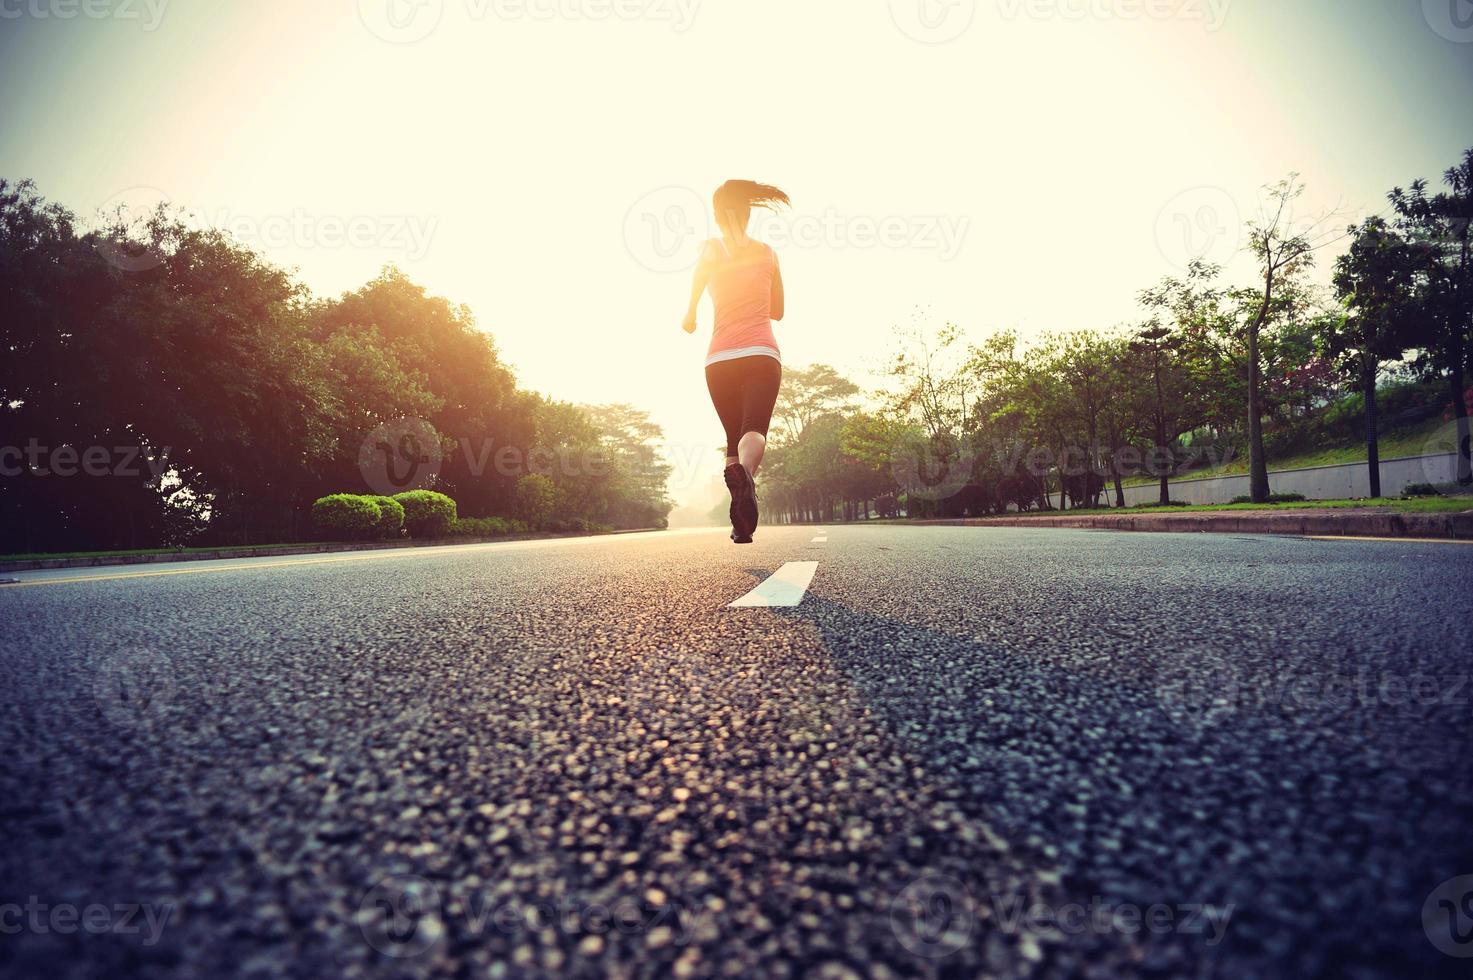 löpare idrottare kör på vägen. foto